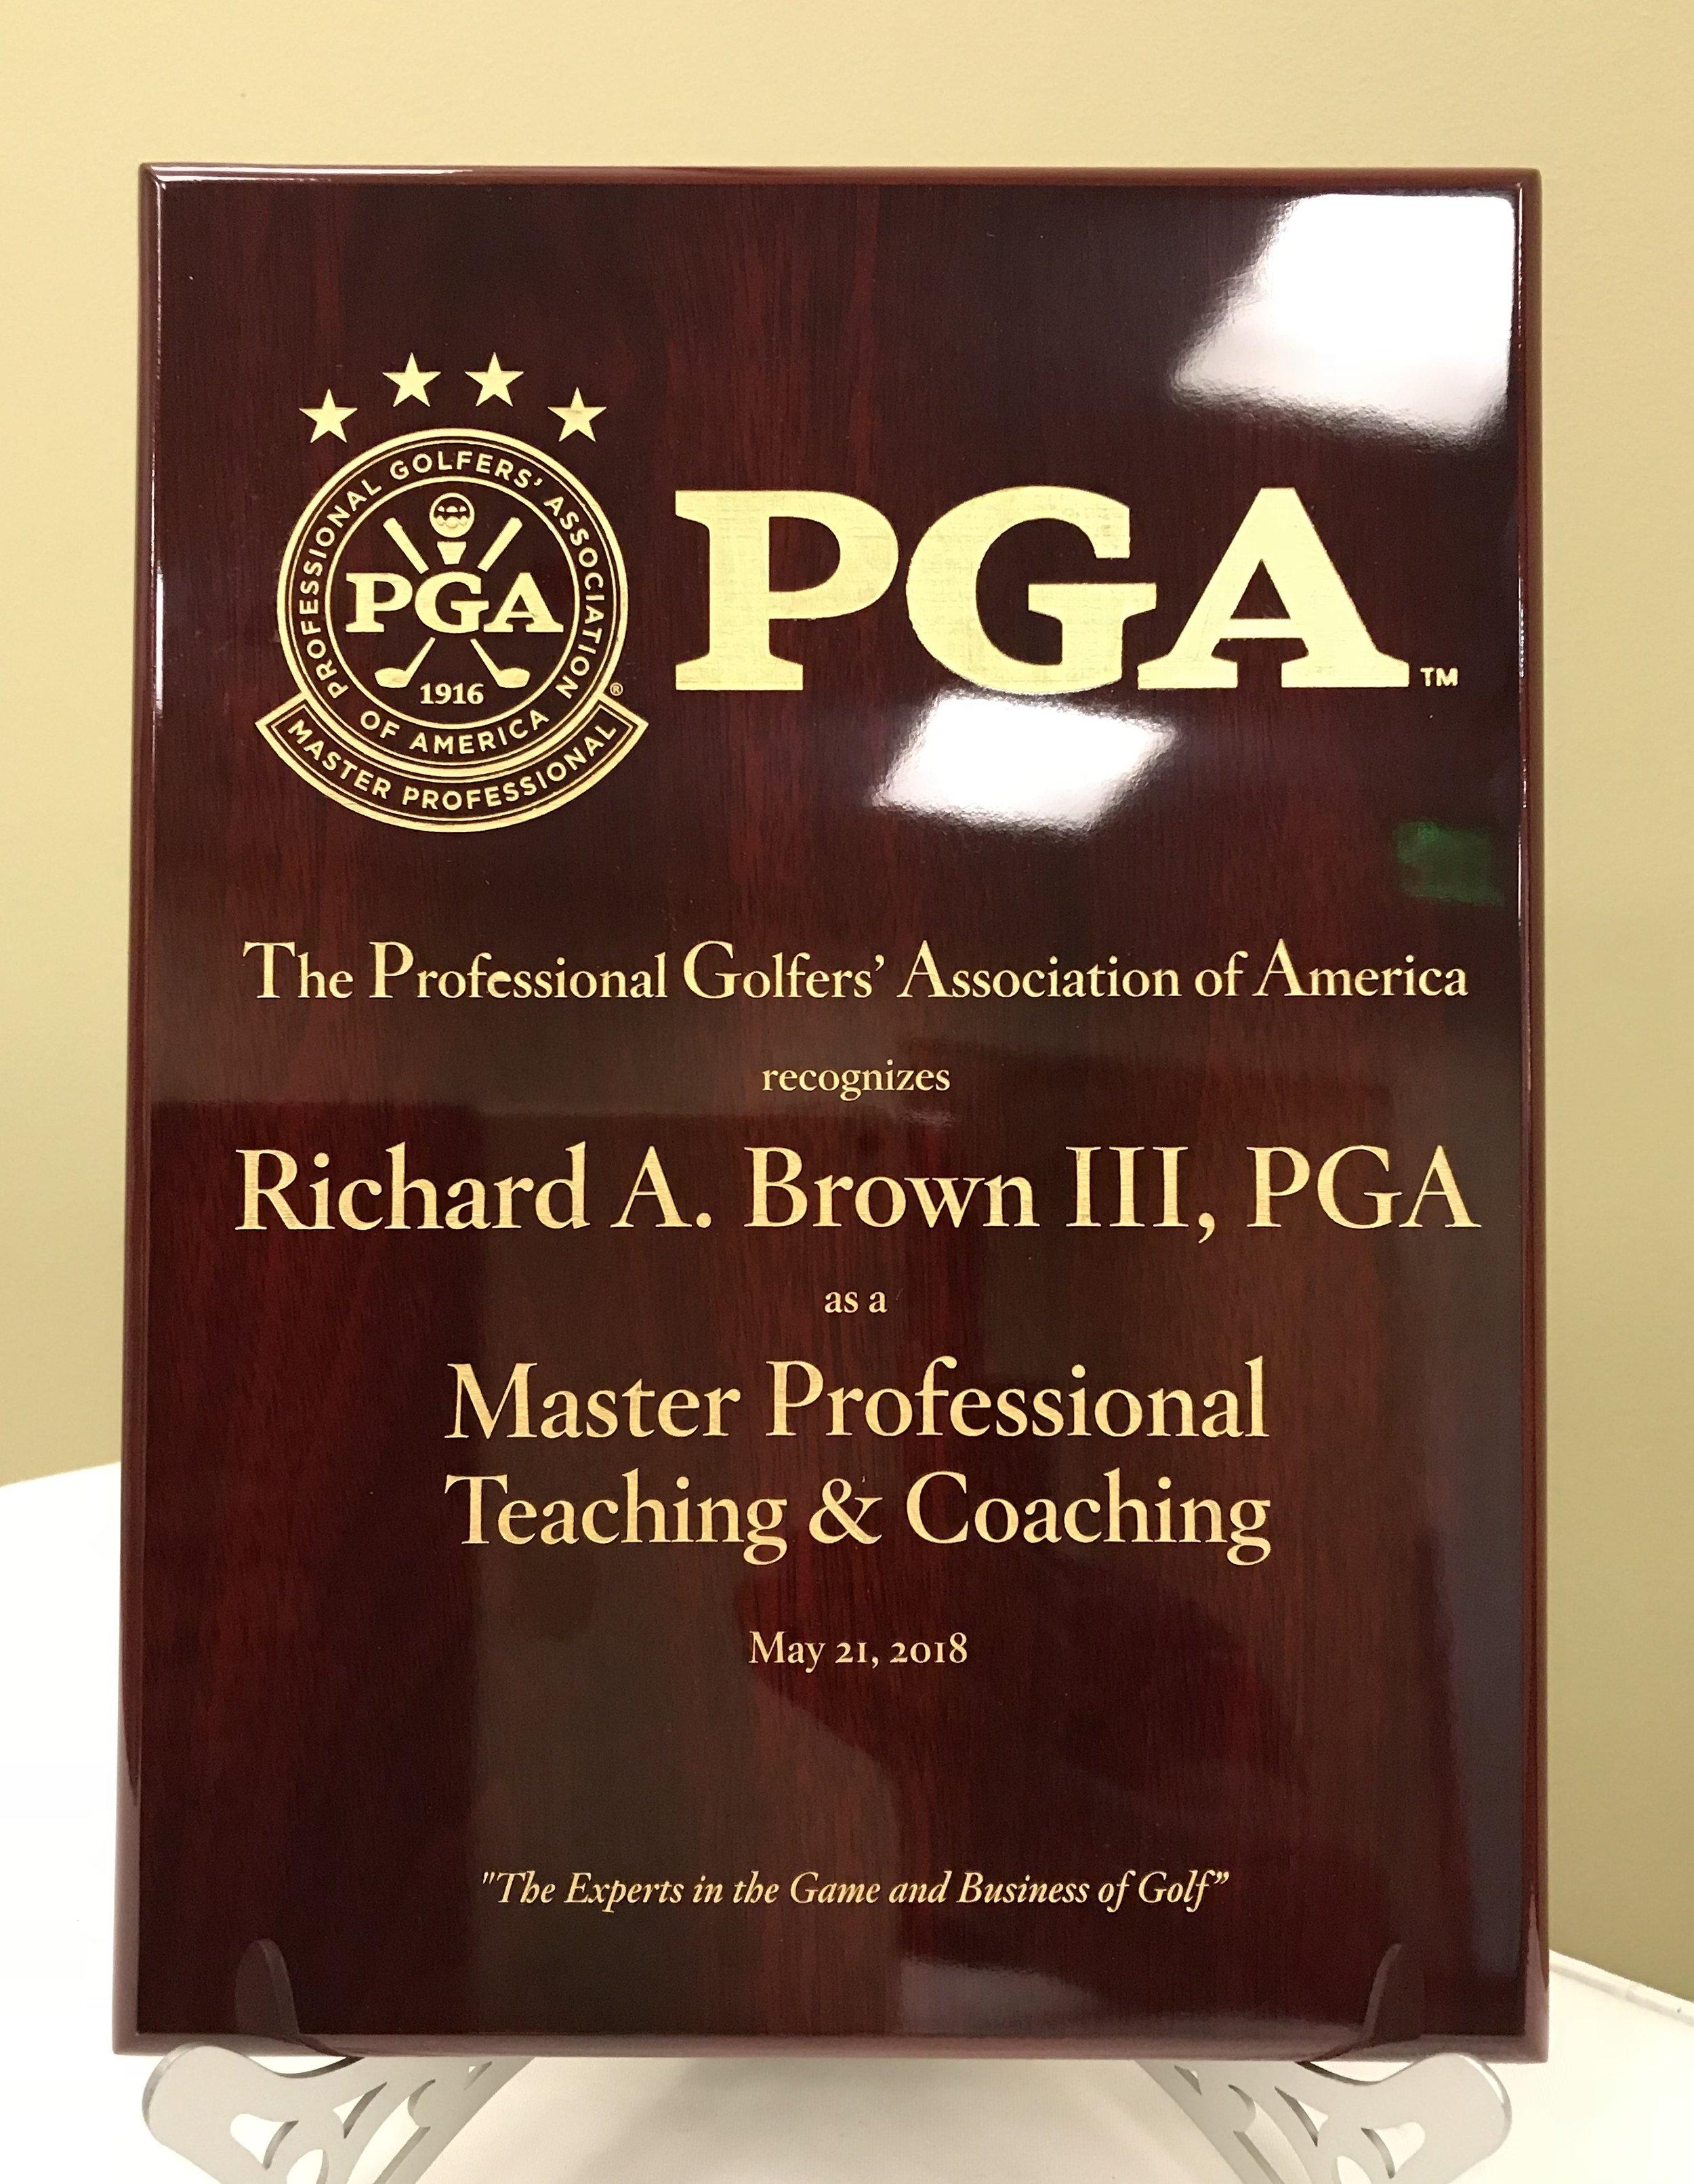 PGA Master Professional Plaque